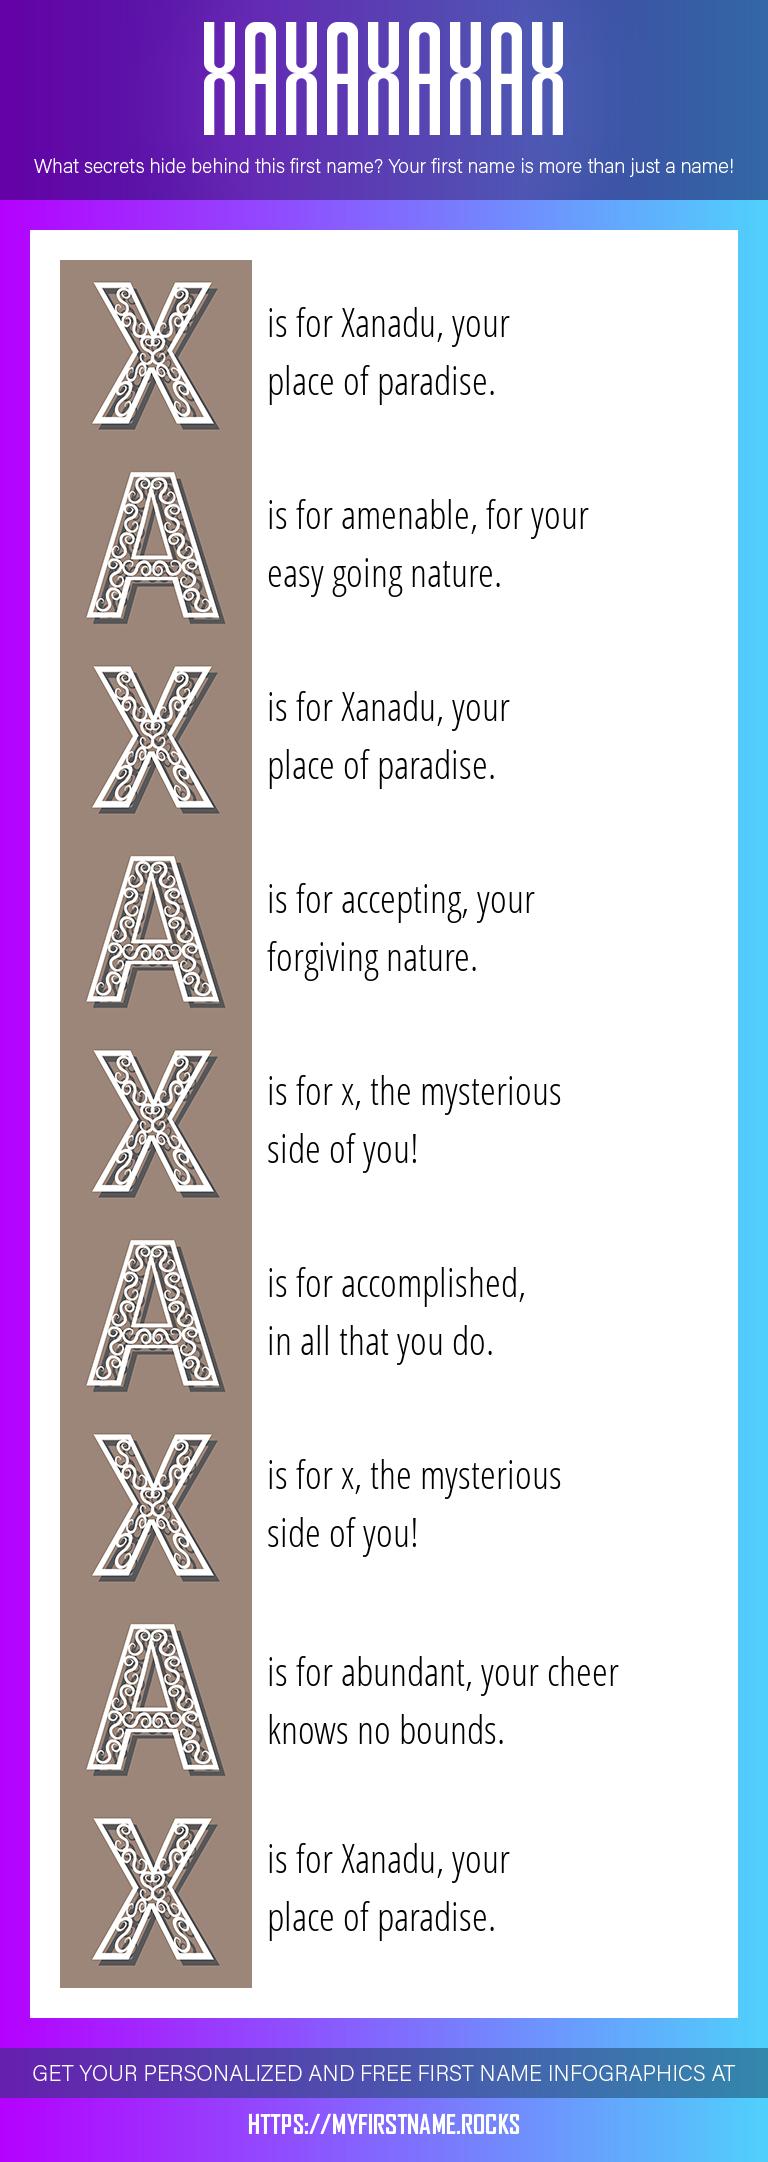 Xaxaxaxax Infographics